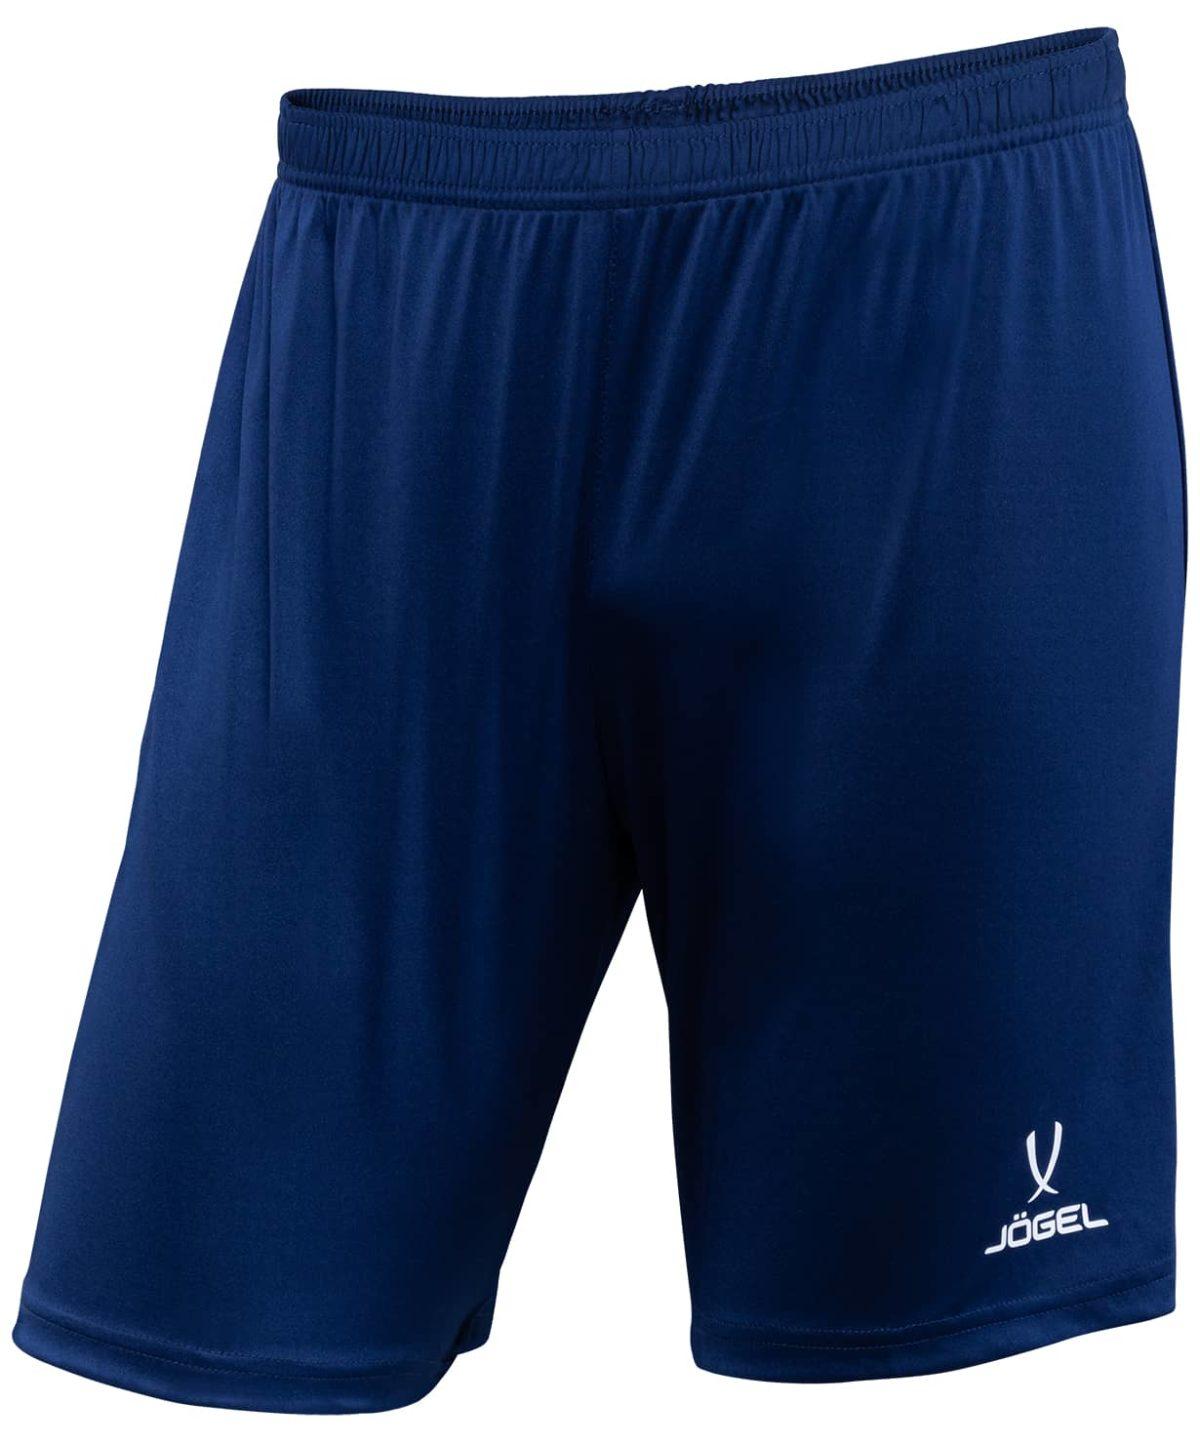 JOGEL CAMP шорты футбольные детские, темно-синий/белый  JFS-1120-091-K - 1